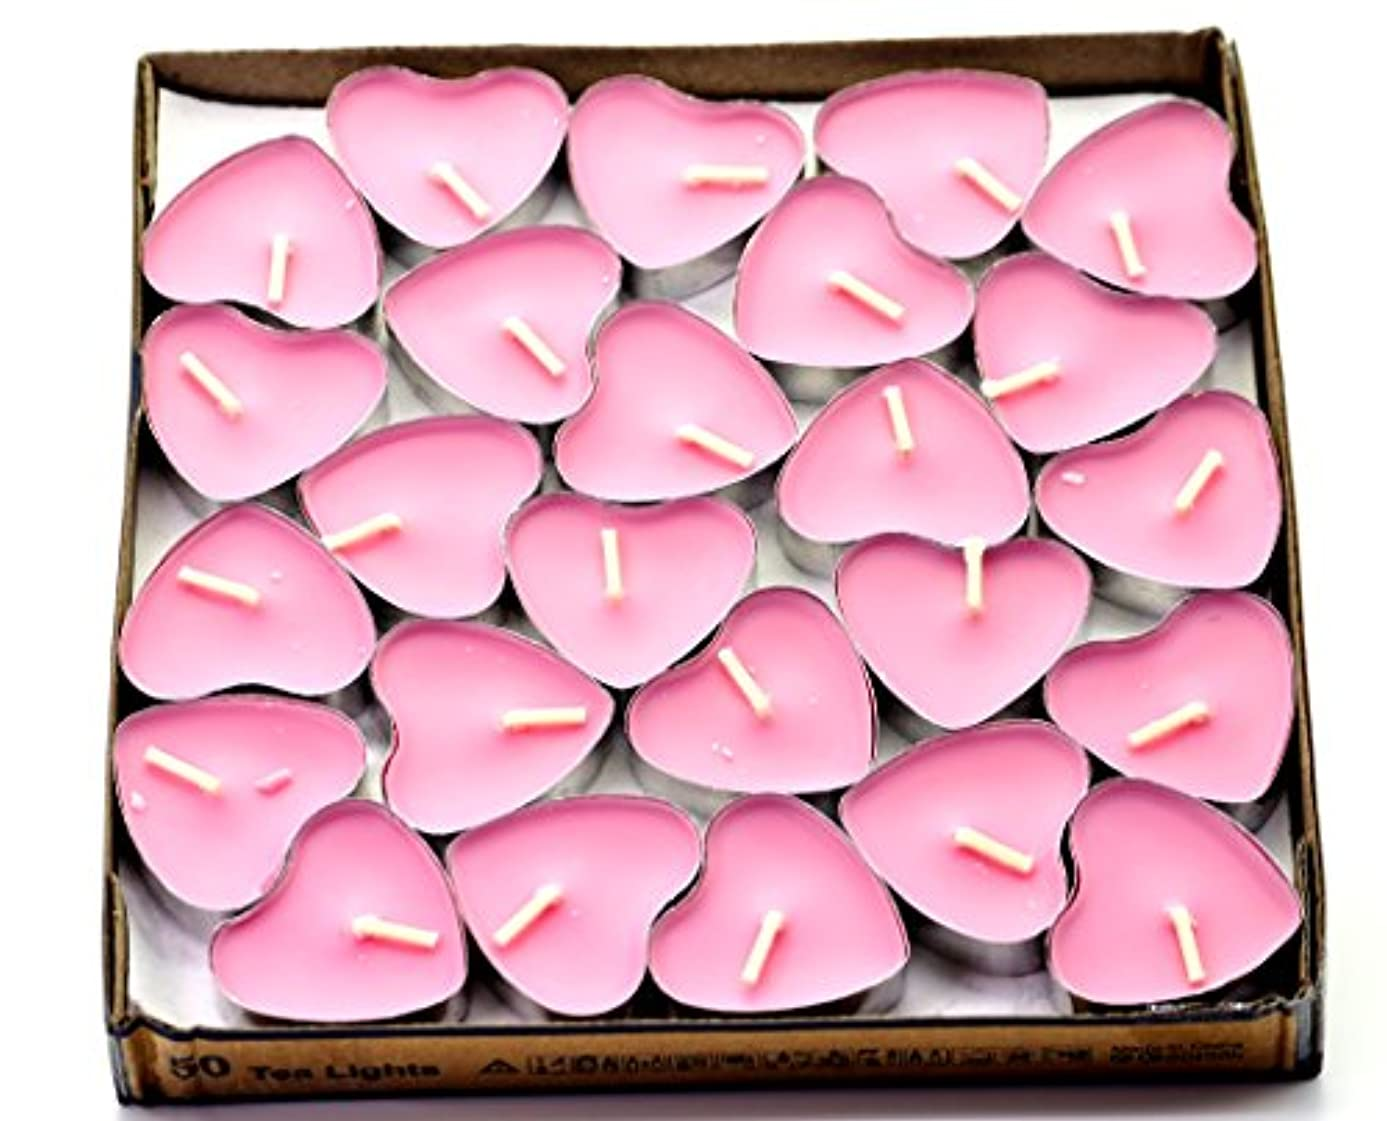 コイルフラグラントメモ(Pink(rose)) - Creationtop Scented Candles Tea Lights Mini Hearts Home Decor Aroma Candles Set of 50 pcs mini...